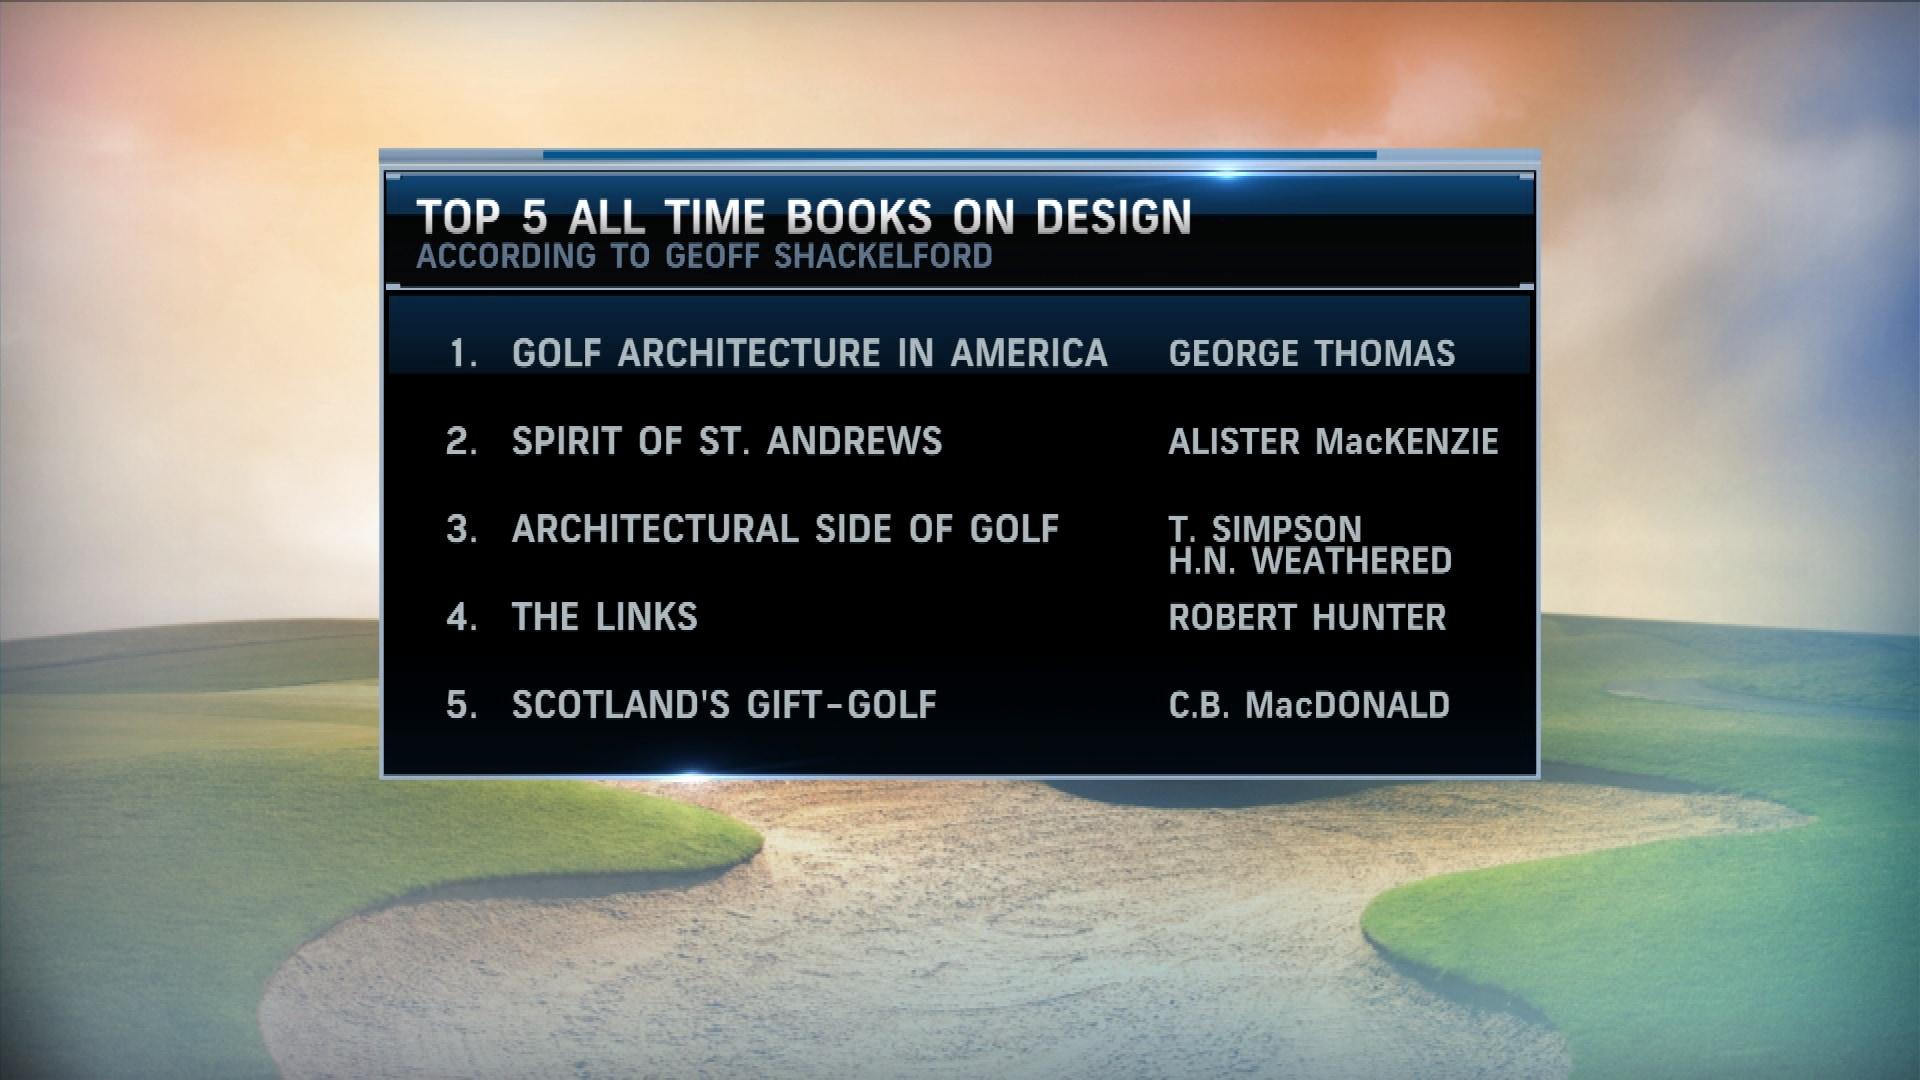 Best golf book you've ever read - PGA.com